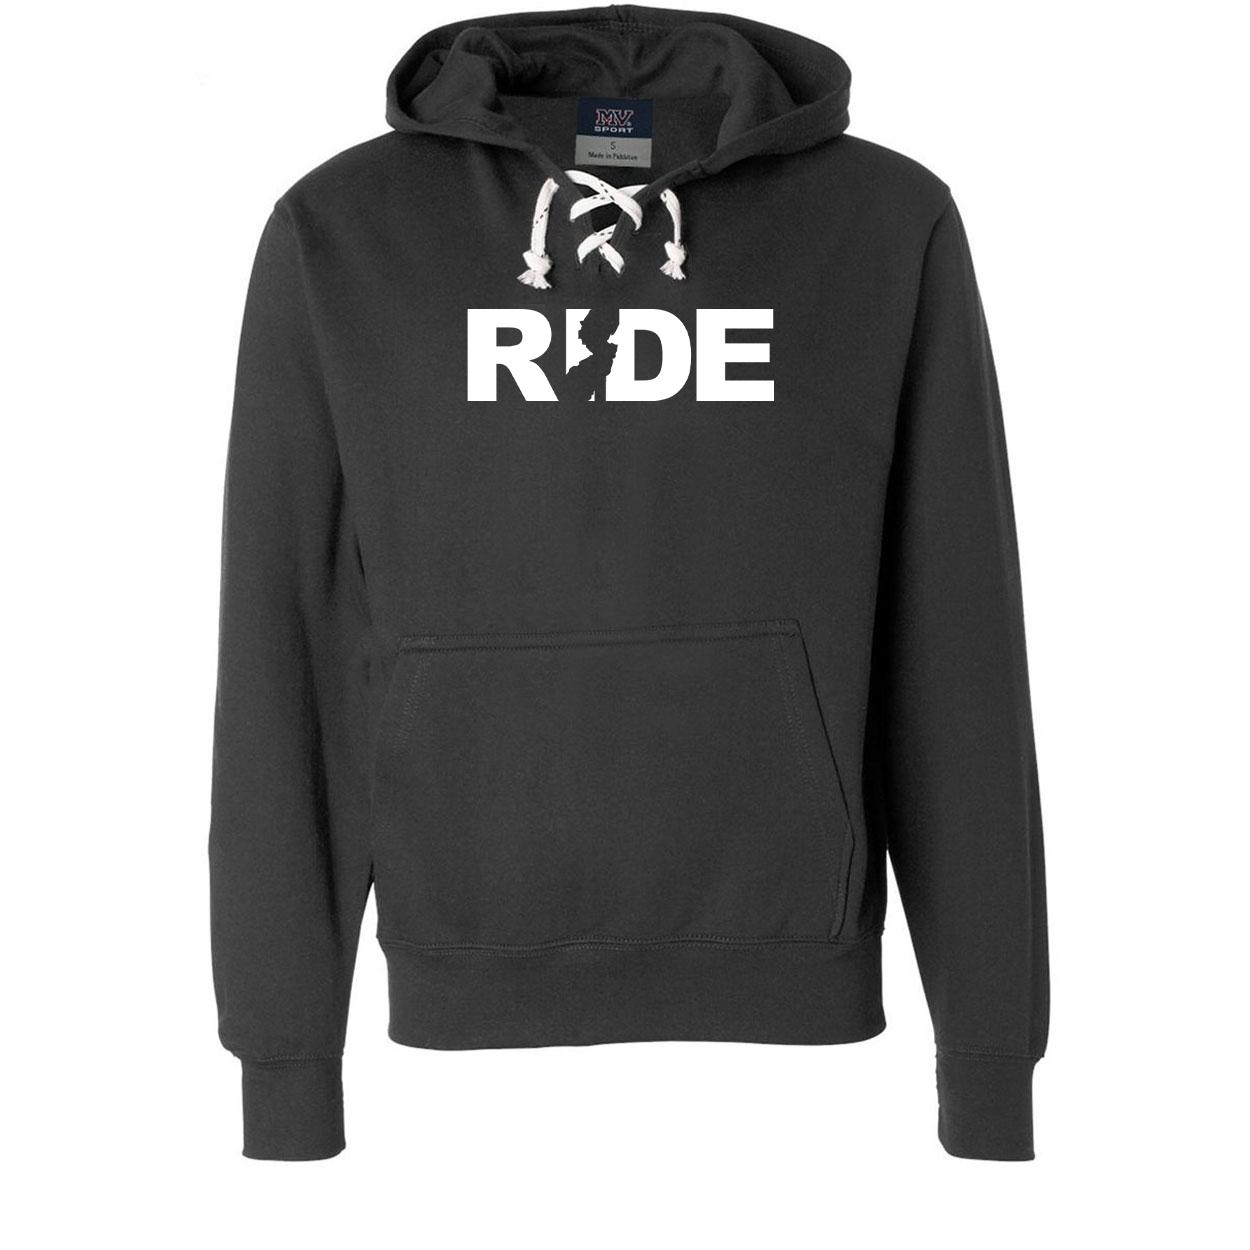 Ride New Jersey Classic Unisex Premium Hockey Sweatshirt Black (White Logo)